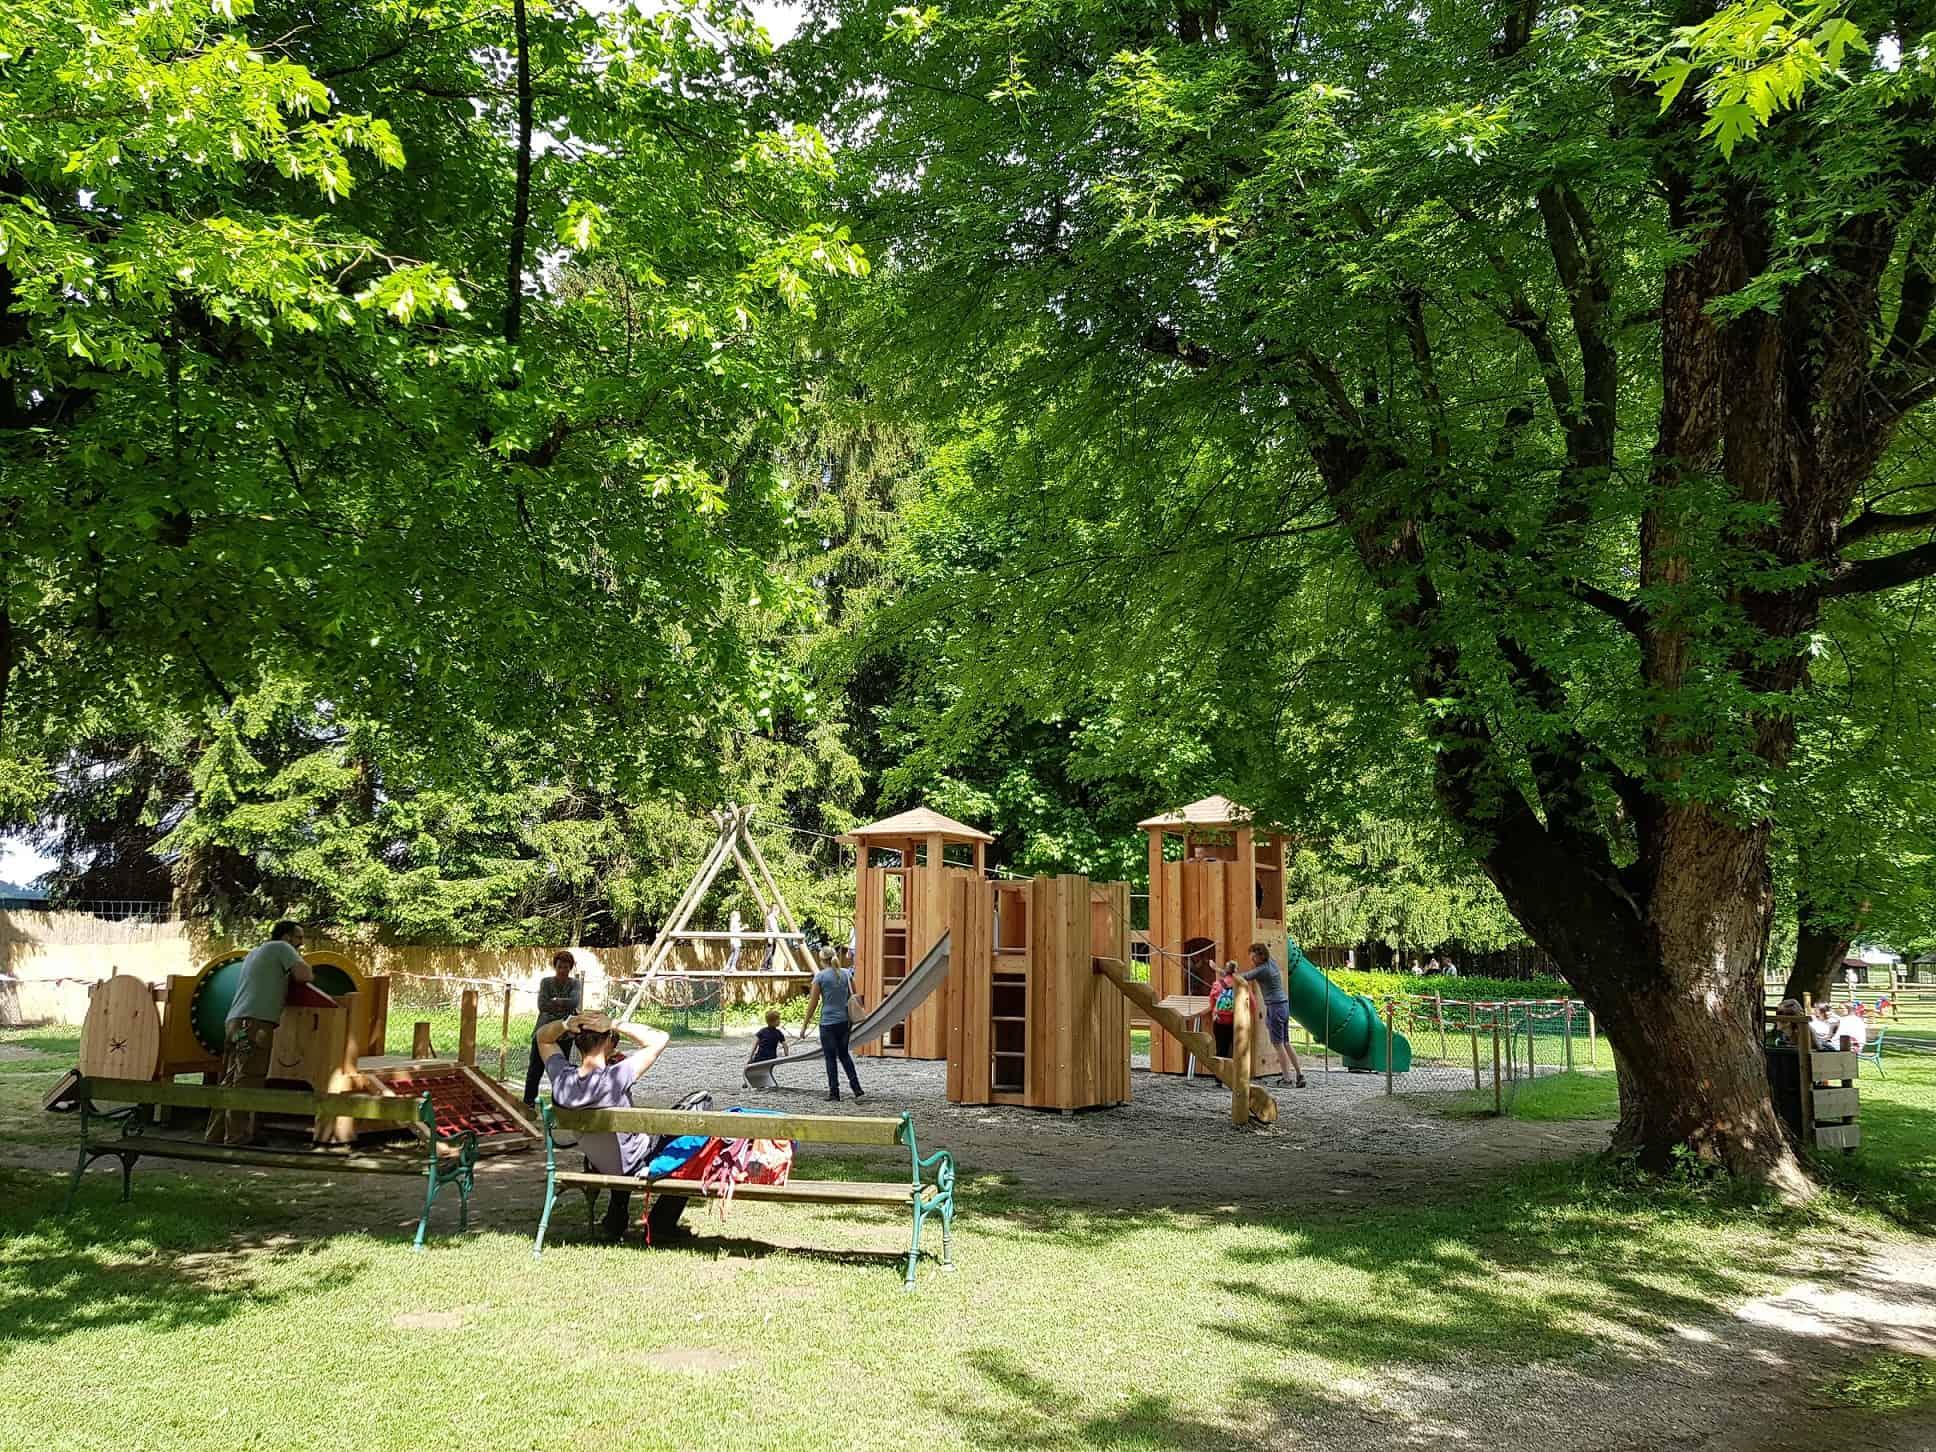 kinderfreundliches Ausflugsziel Tierpark Rosegg Kärnten mit Kinderspielplatz